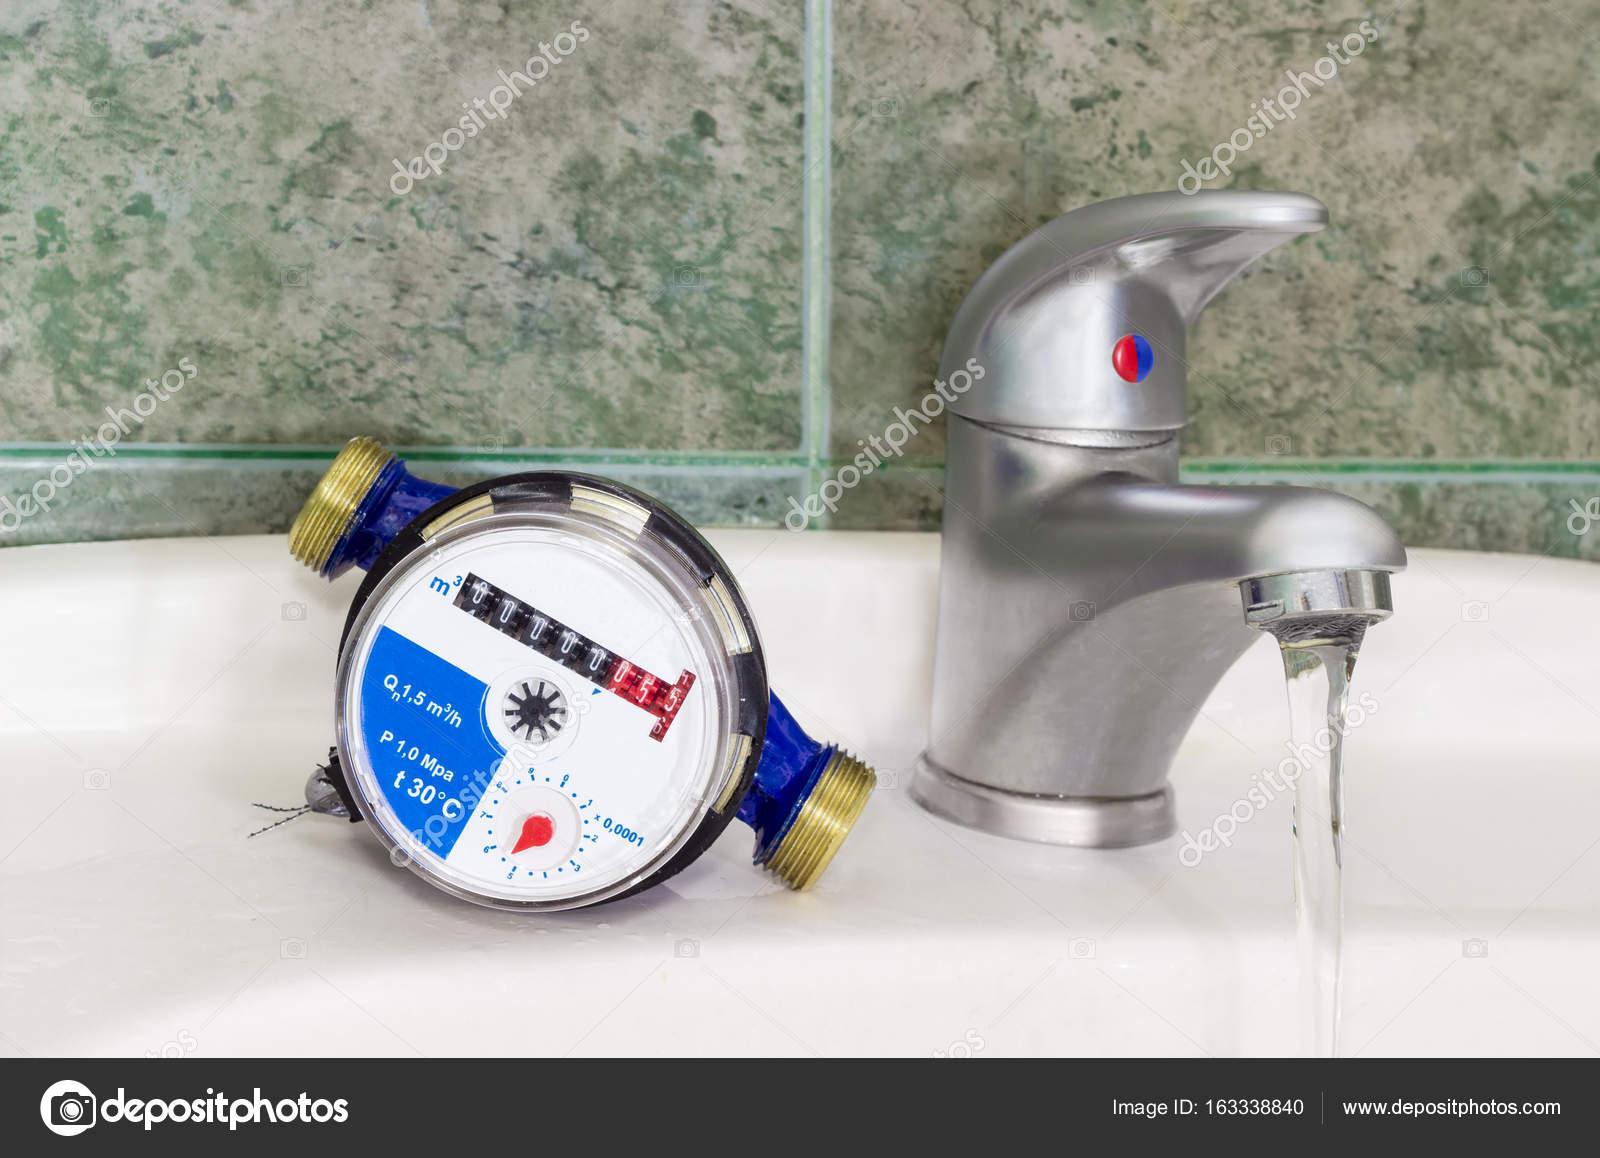 Wastafel 1 Meter : Watermeter op de wastafel met mengkraan handvat u stockfoto